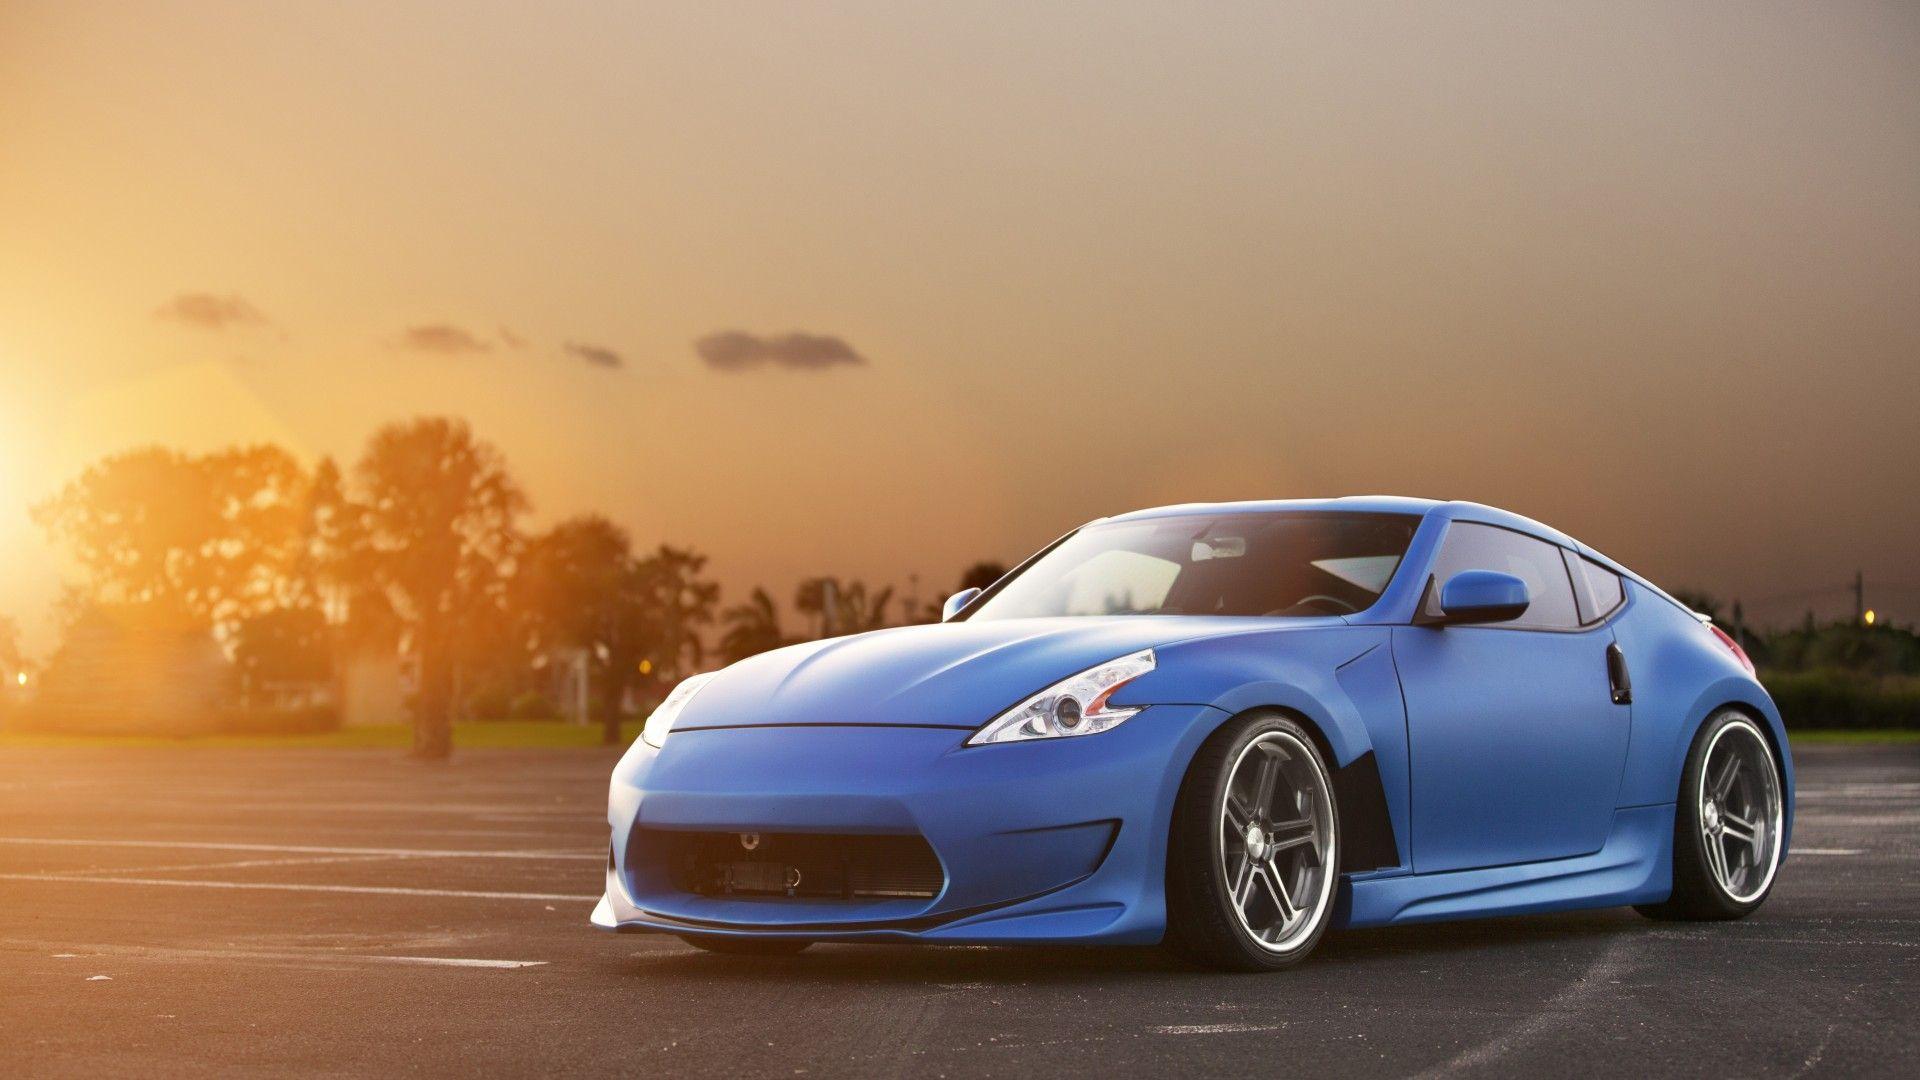 Automotive Picture